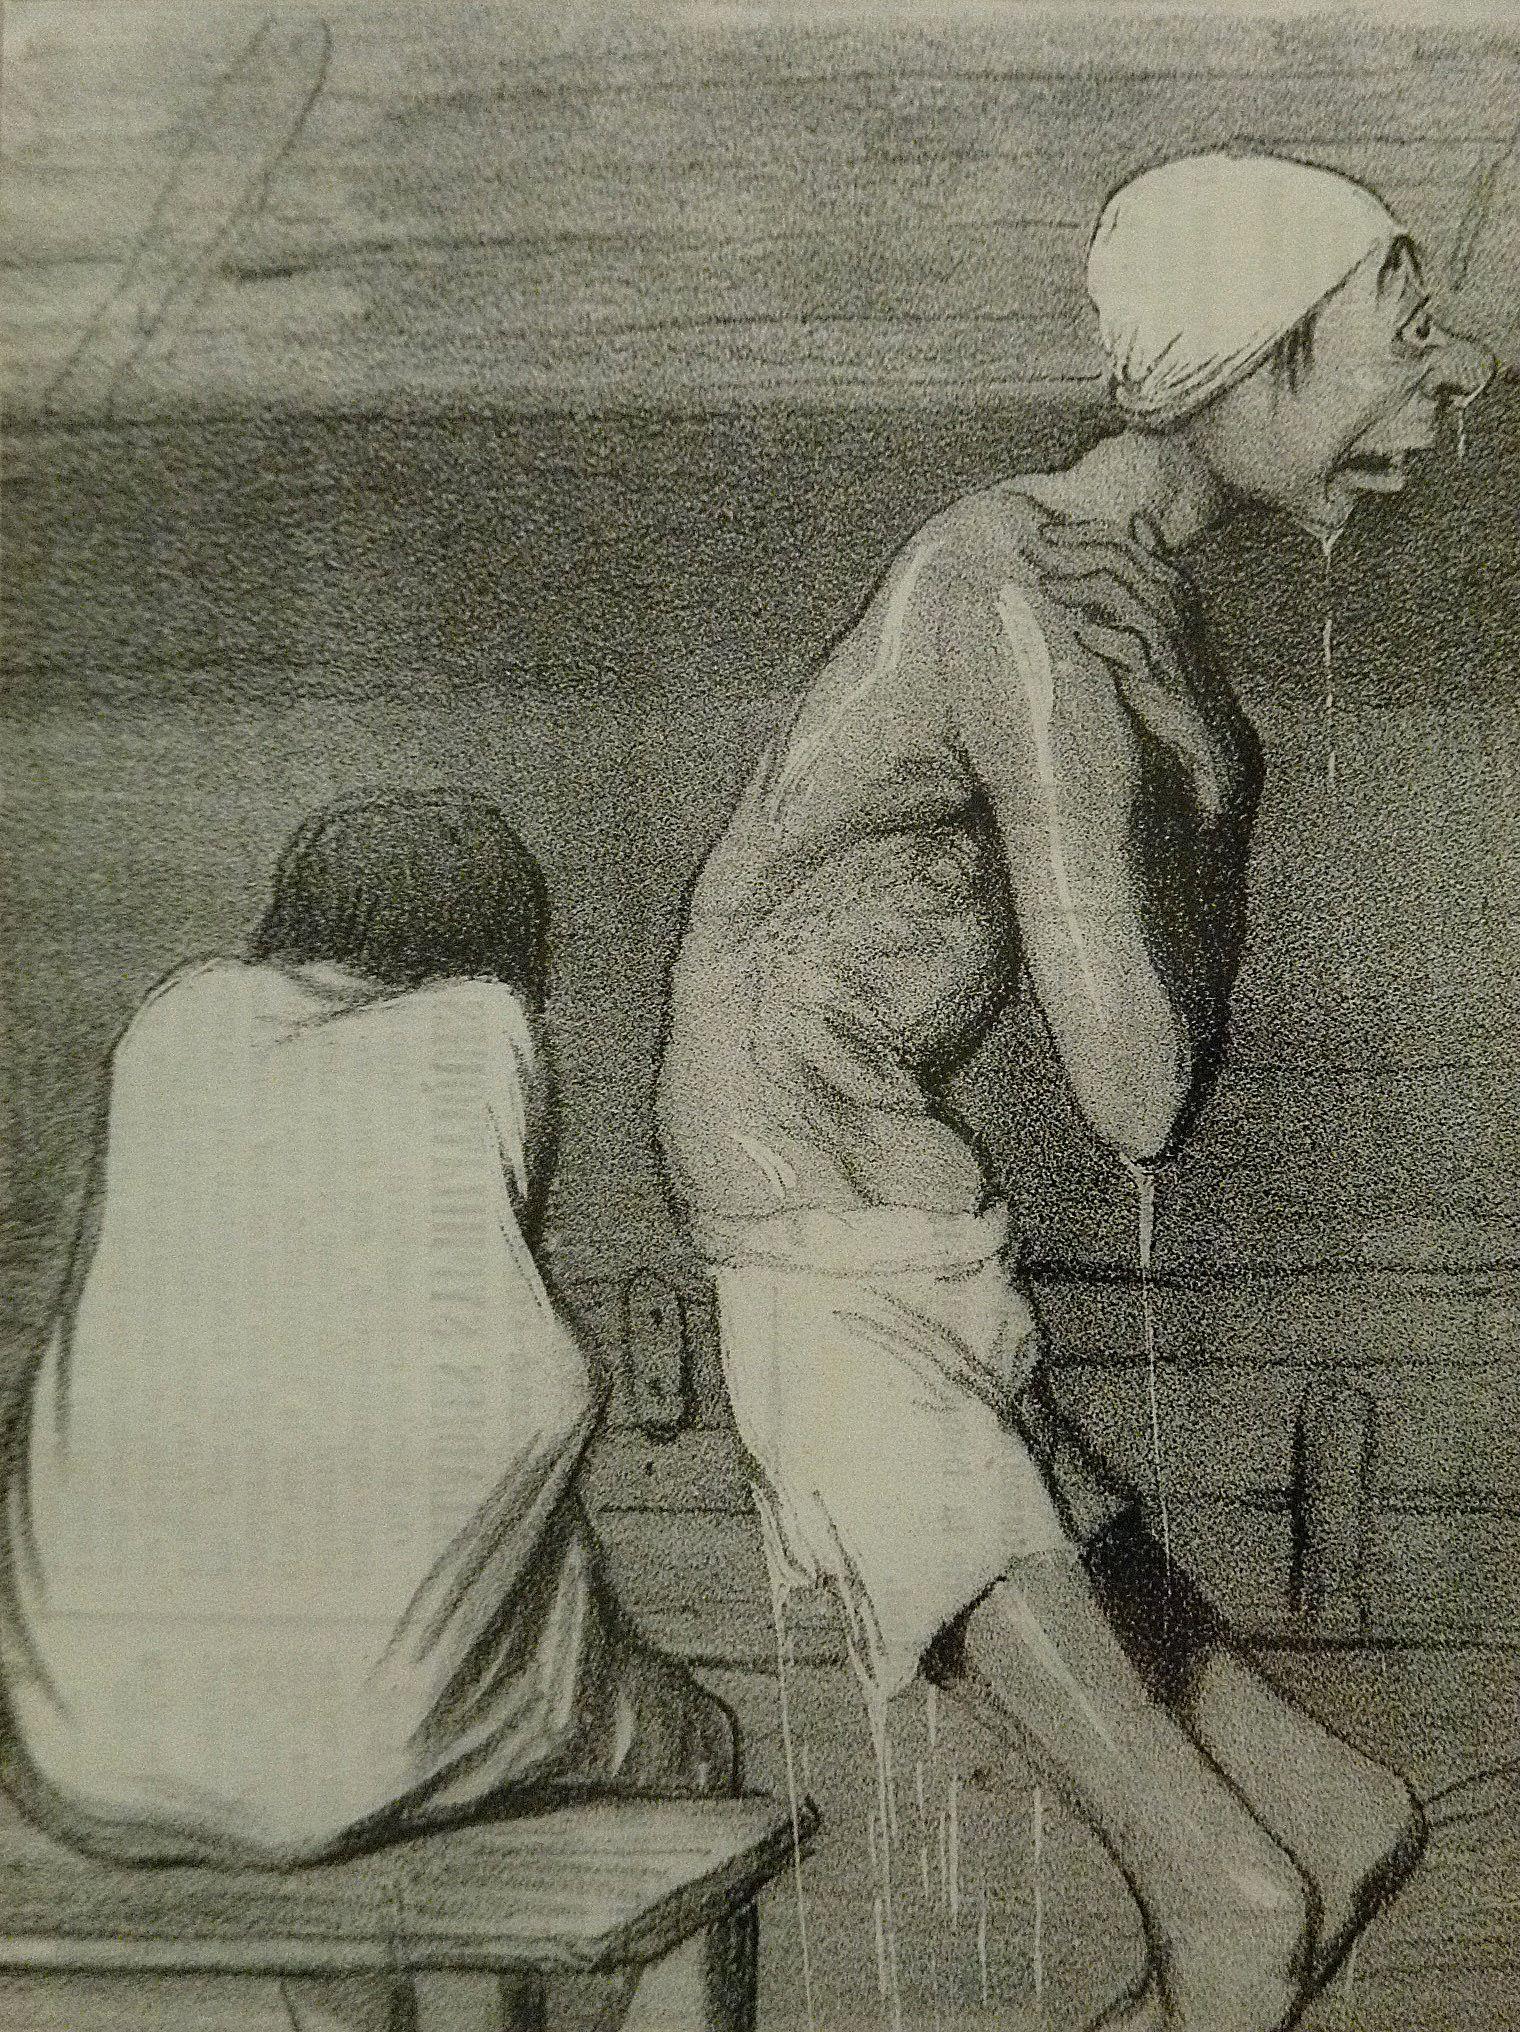 DAUMIER Honoré,1839 – Peur des Ecrevisses (Maison de Balzac) – Detail 6 – TAGS …